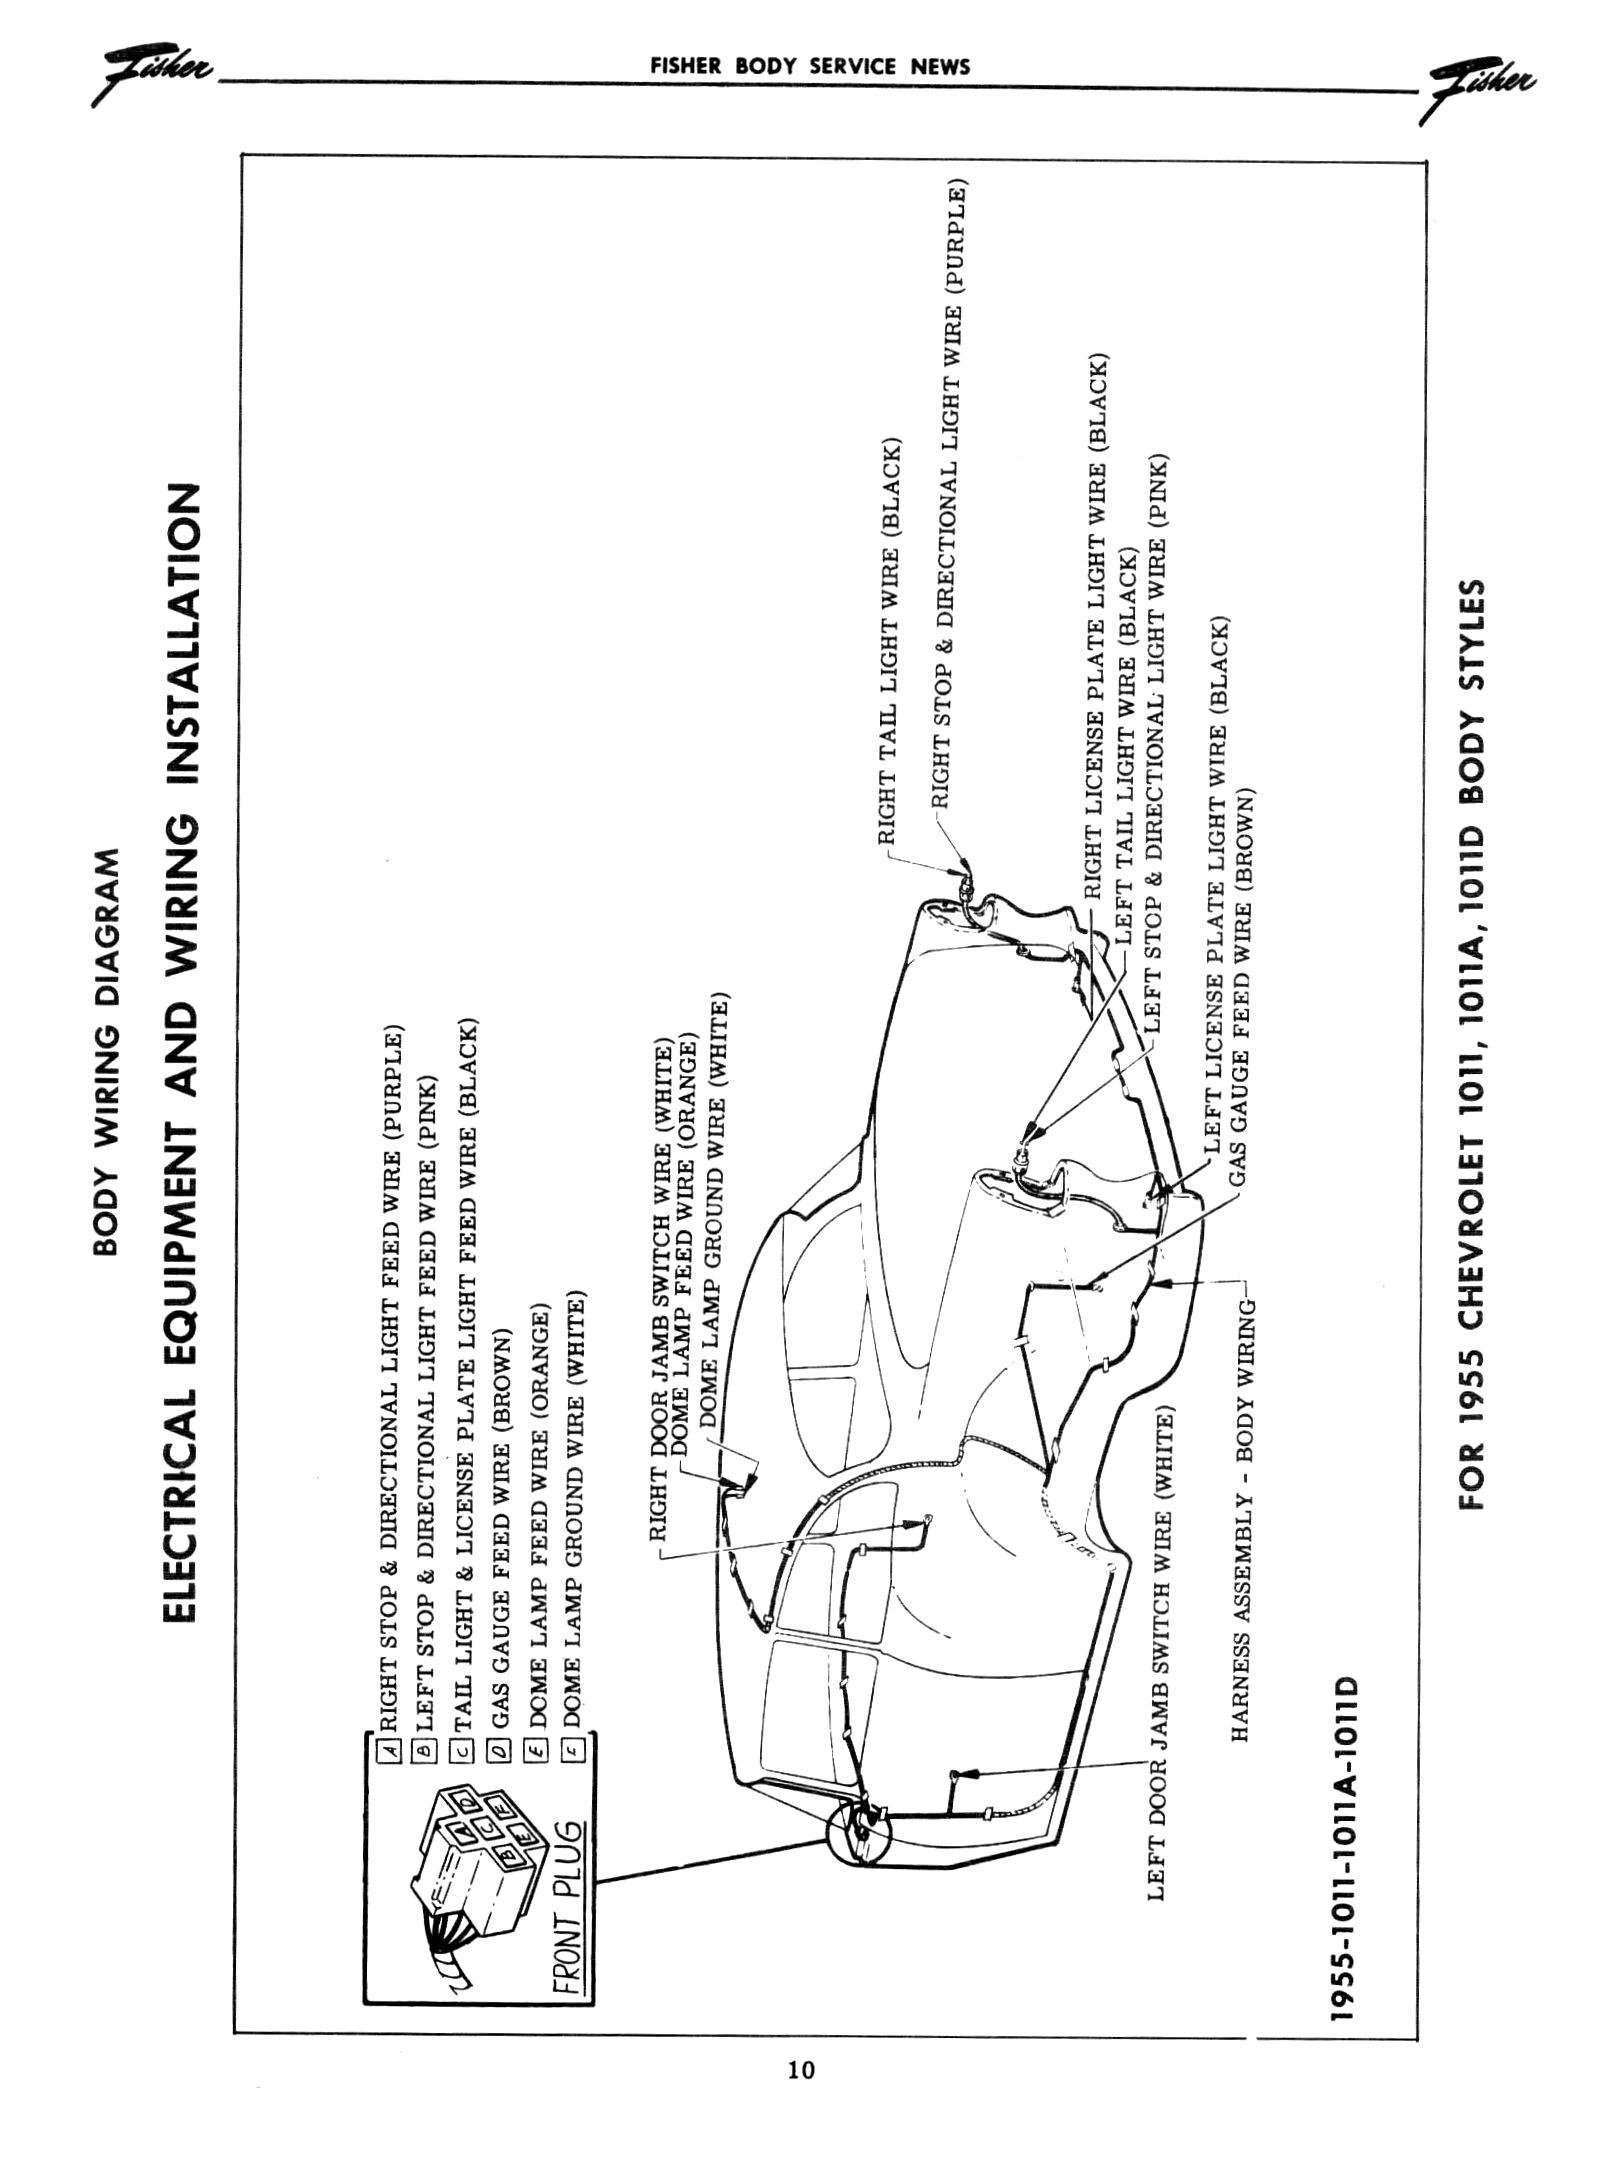 Gmc Wiring Wiring Diagram